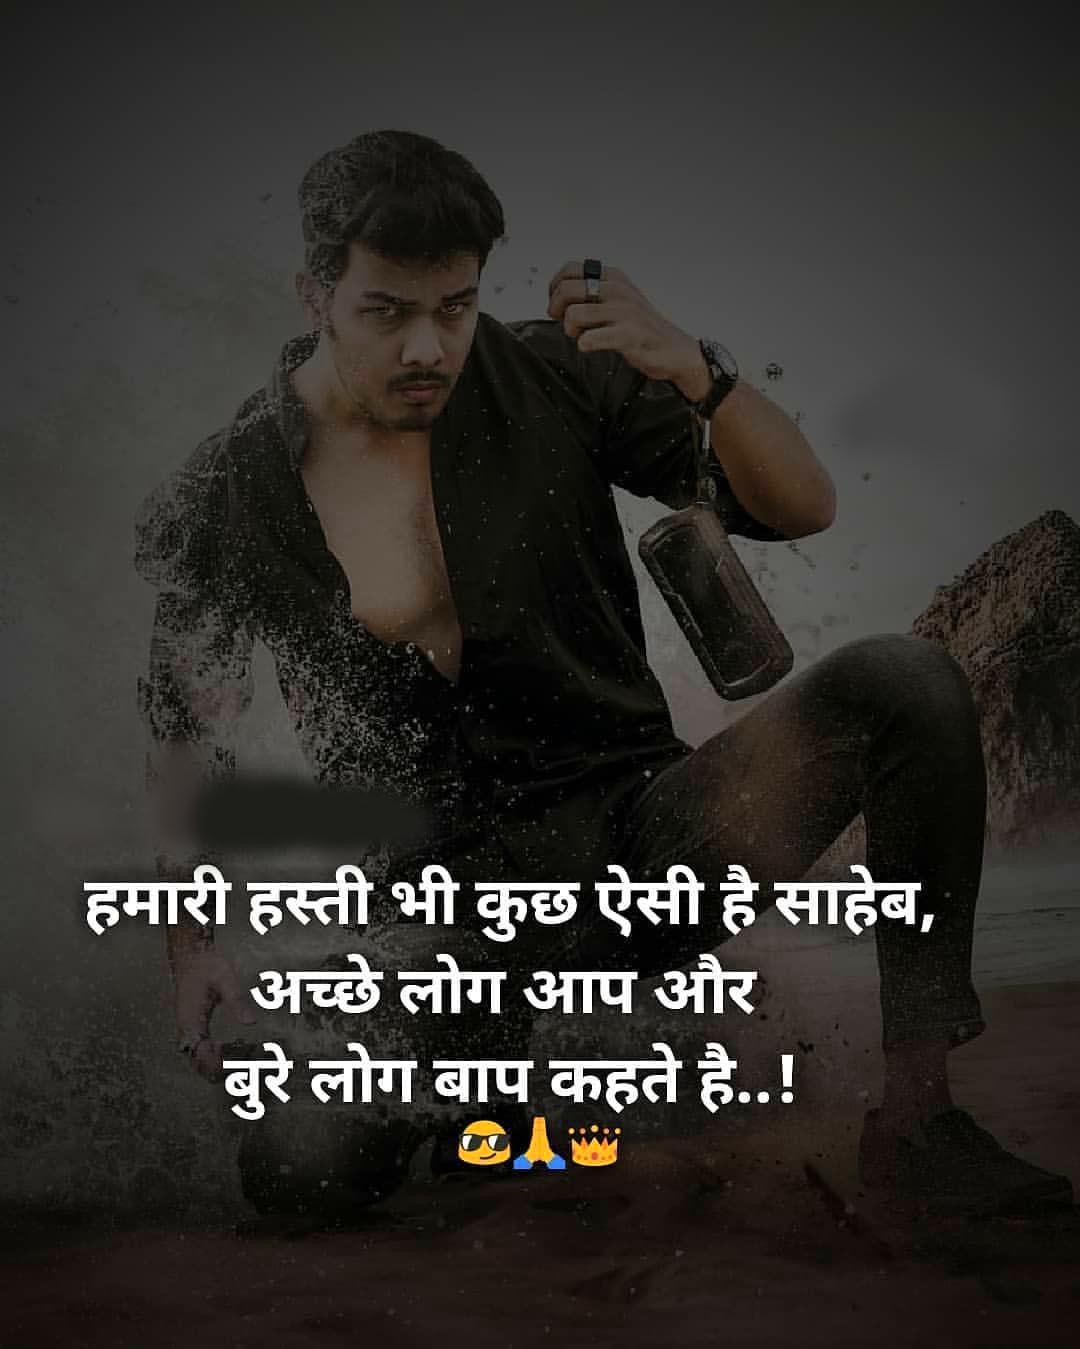 Hindi Attitude Shayari Pics Pictures Download